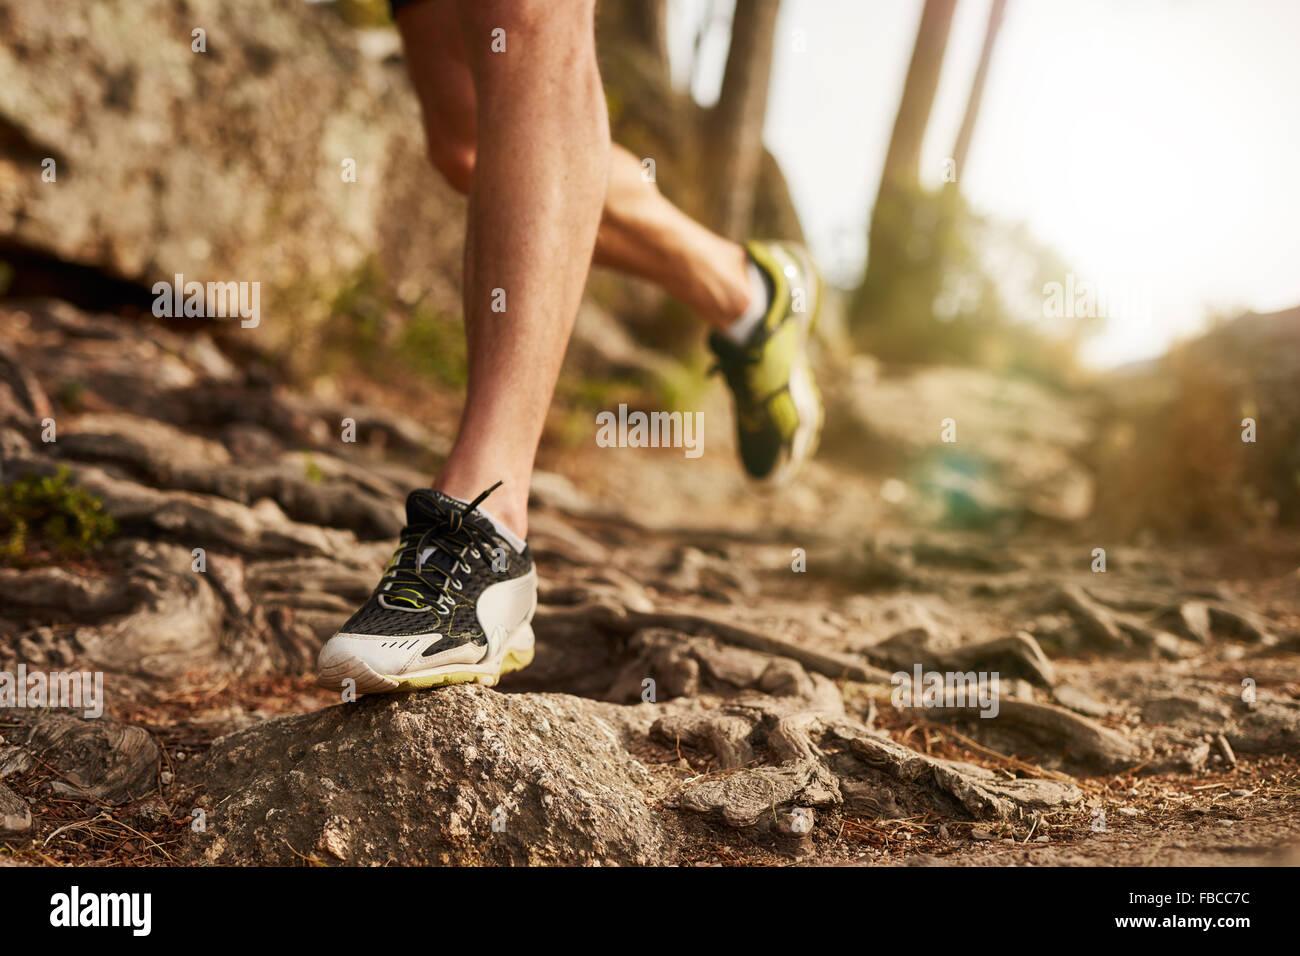 Close-up of trail chaussure de course sur des terrains rocheux. Les jambes du coureur masculin travaillant sur terrain Photo Stock